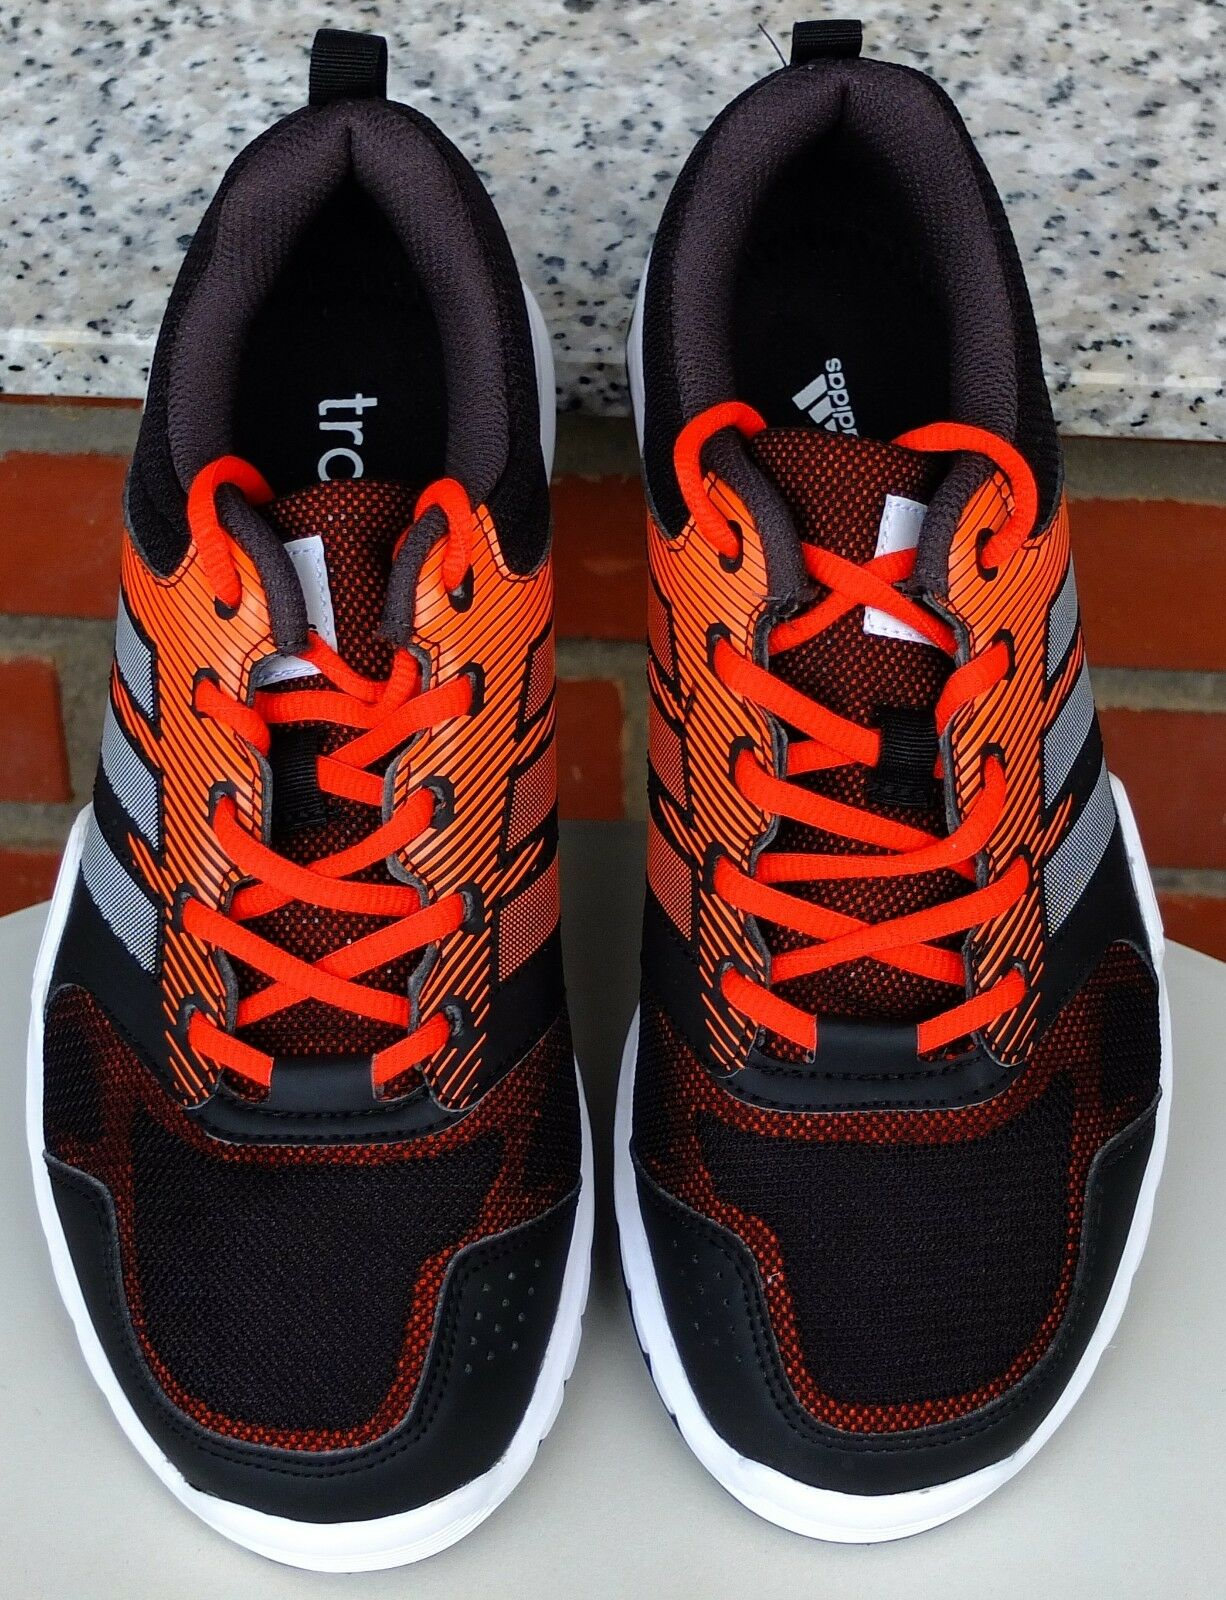 Adidas Essential Star 3 M Sportschuhe Sportschuhe Sportschuhe Hallenschuhe Gr. 40 (UK 6,5) + 44 (UK 9,5)  1673e1